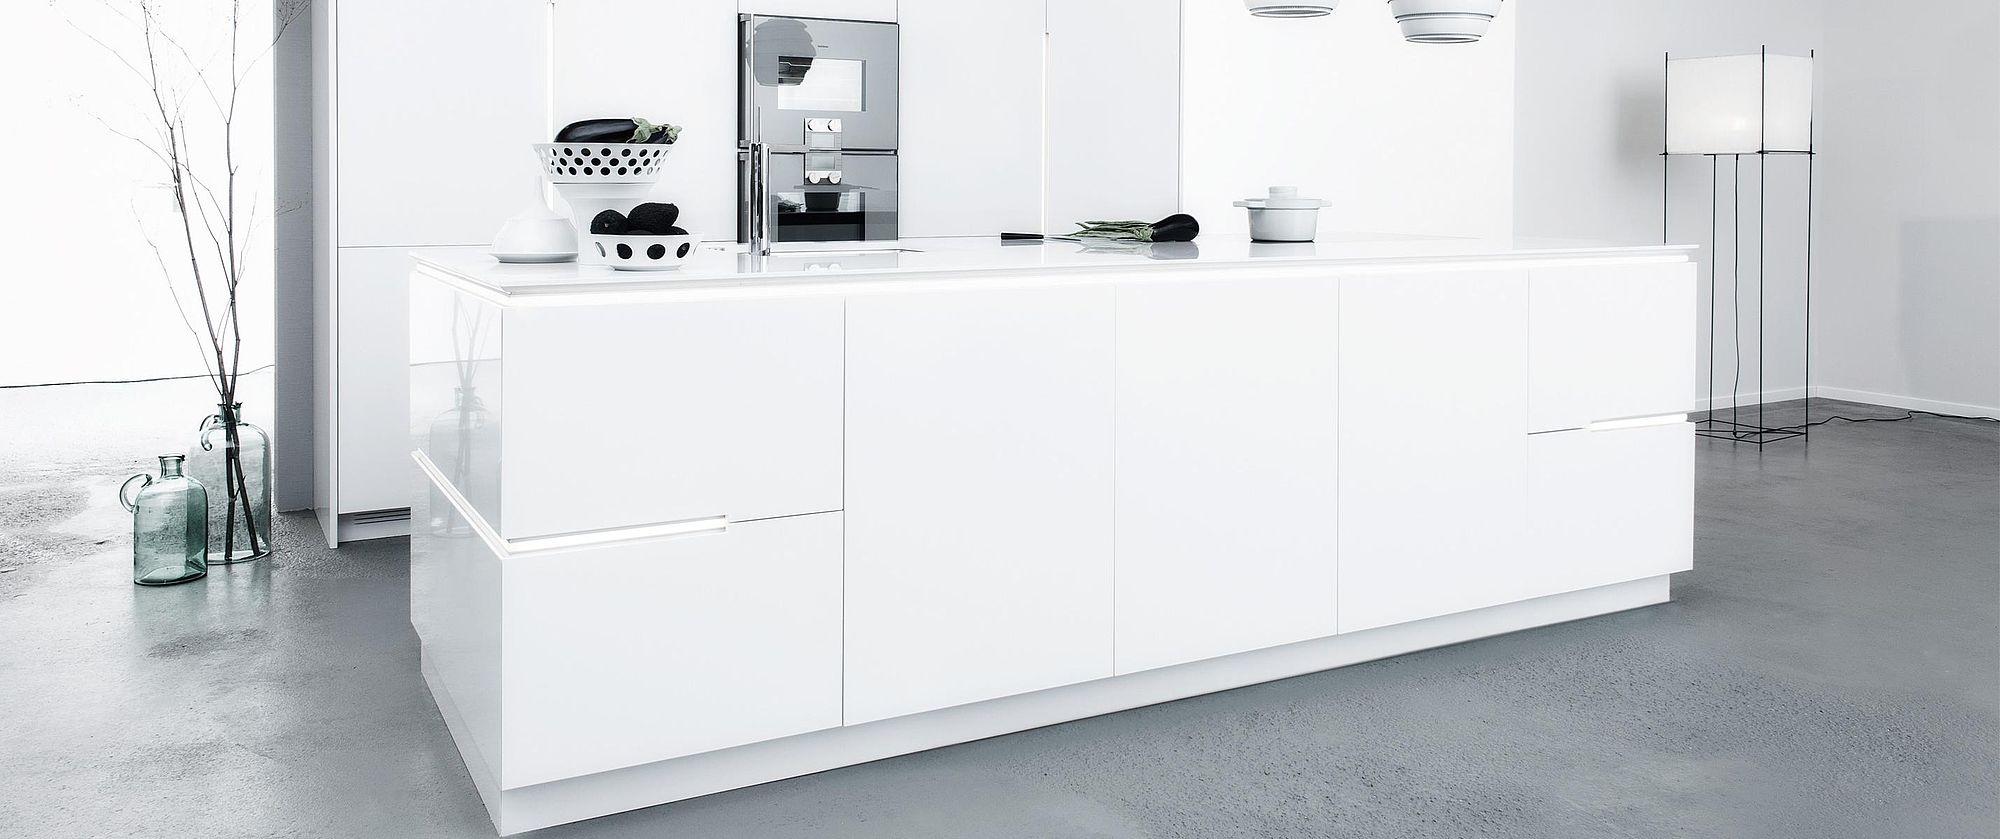 sio 4 k che indivduelle natursteink che mit modernem design und hoher verarbeitung. Black Bedroom Furniture Sets. Home Design Ideas